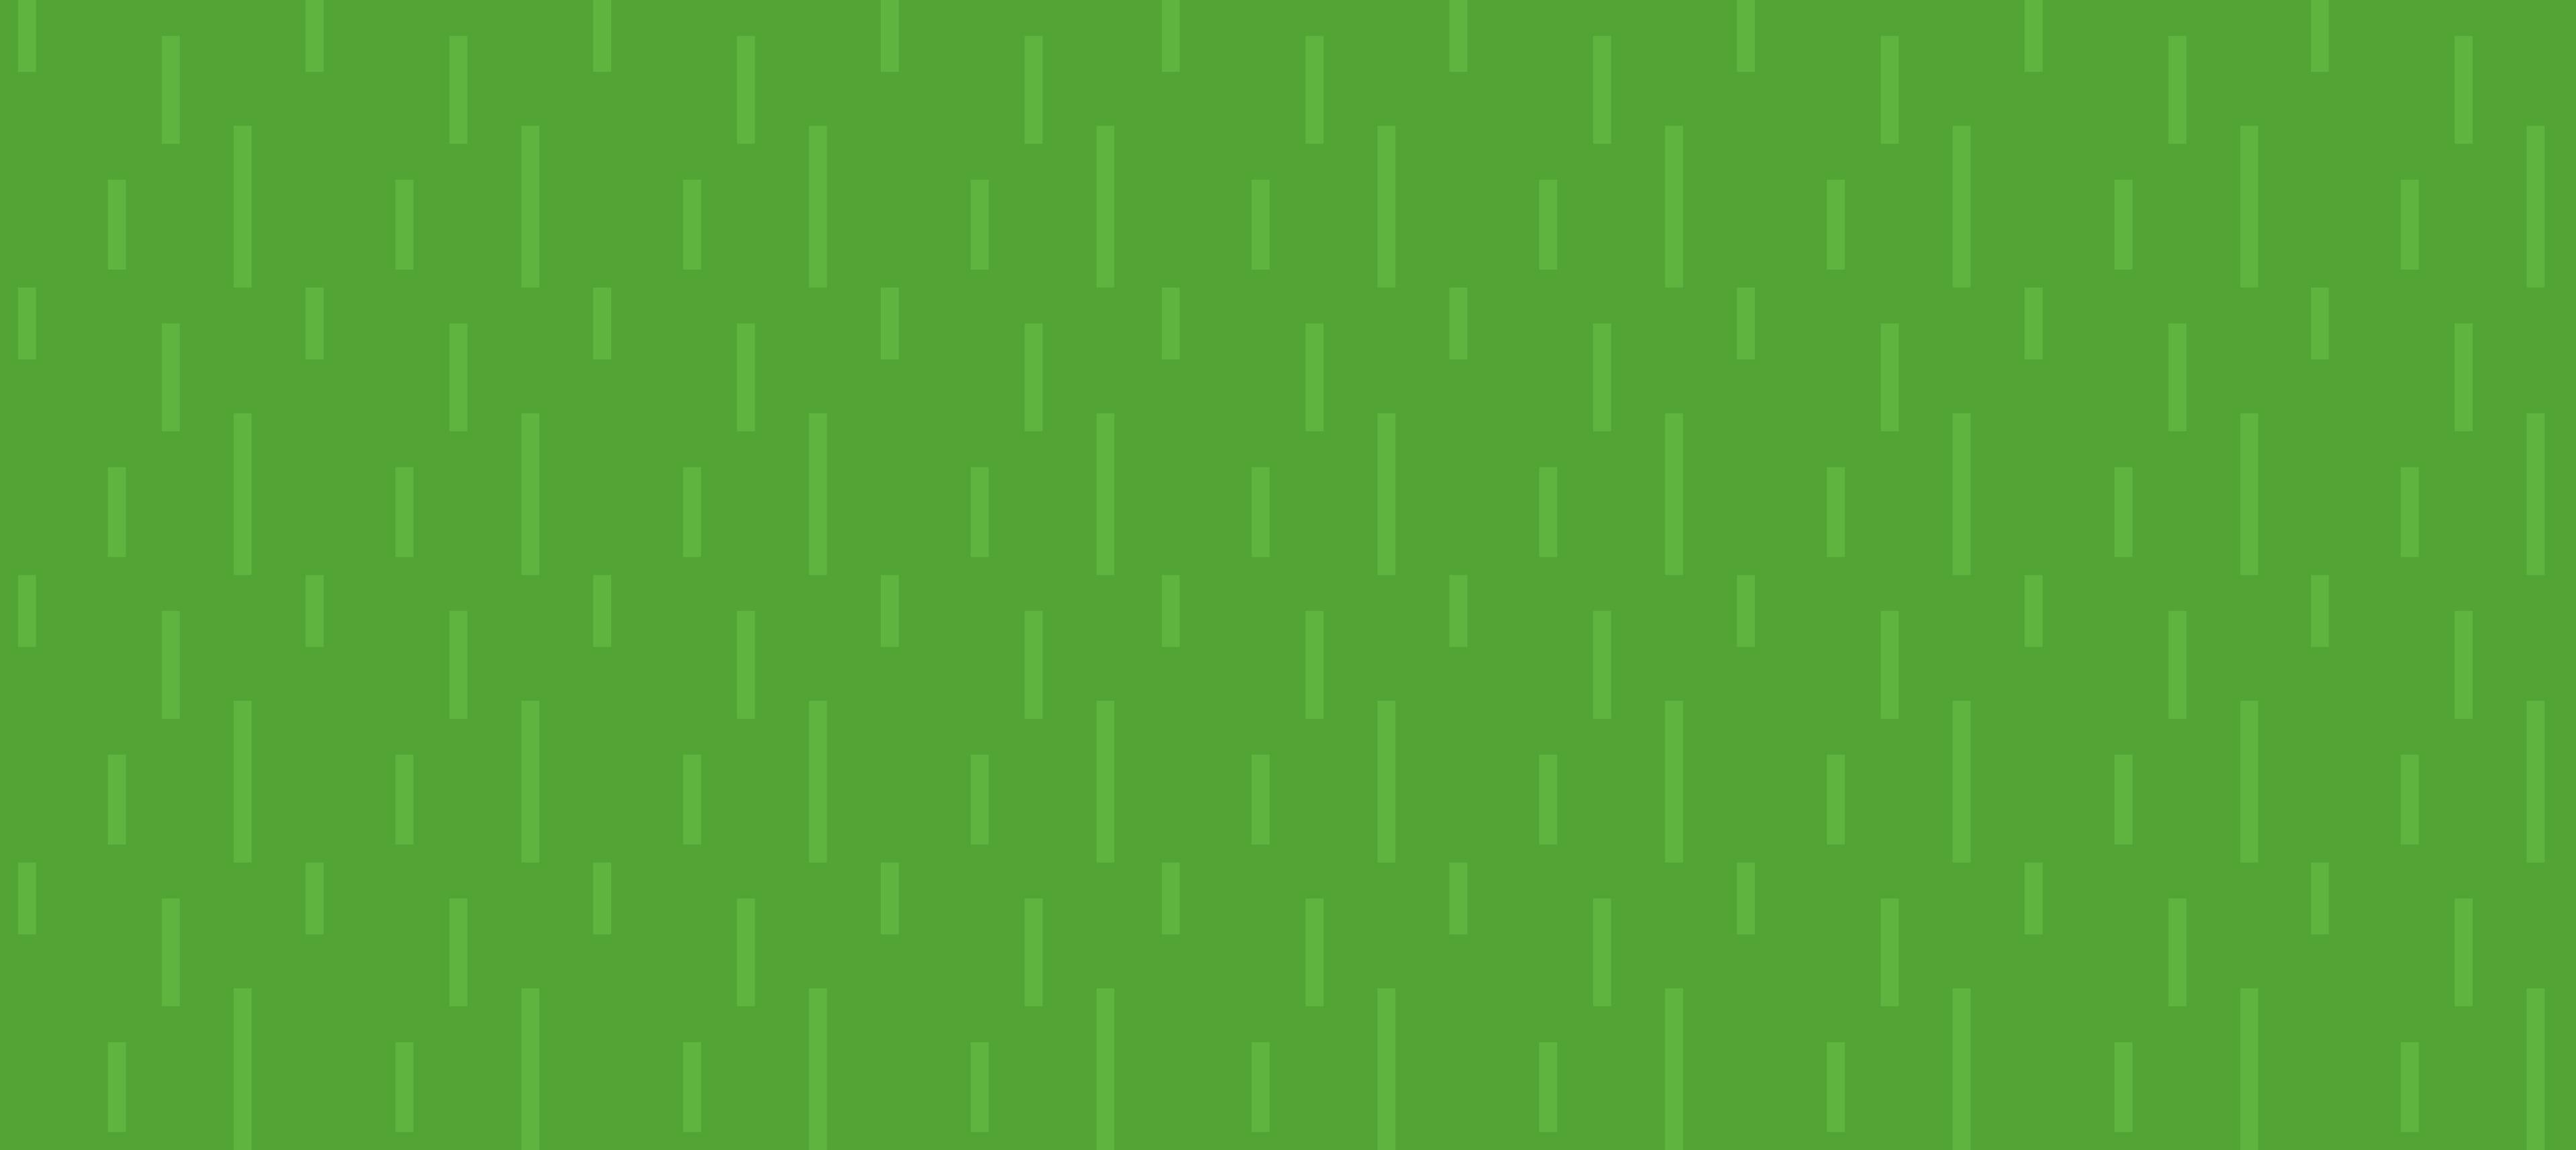 Minecraft - background art